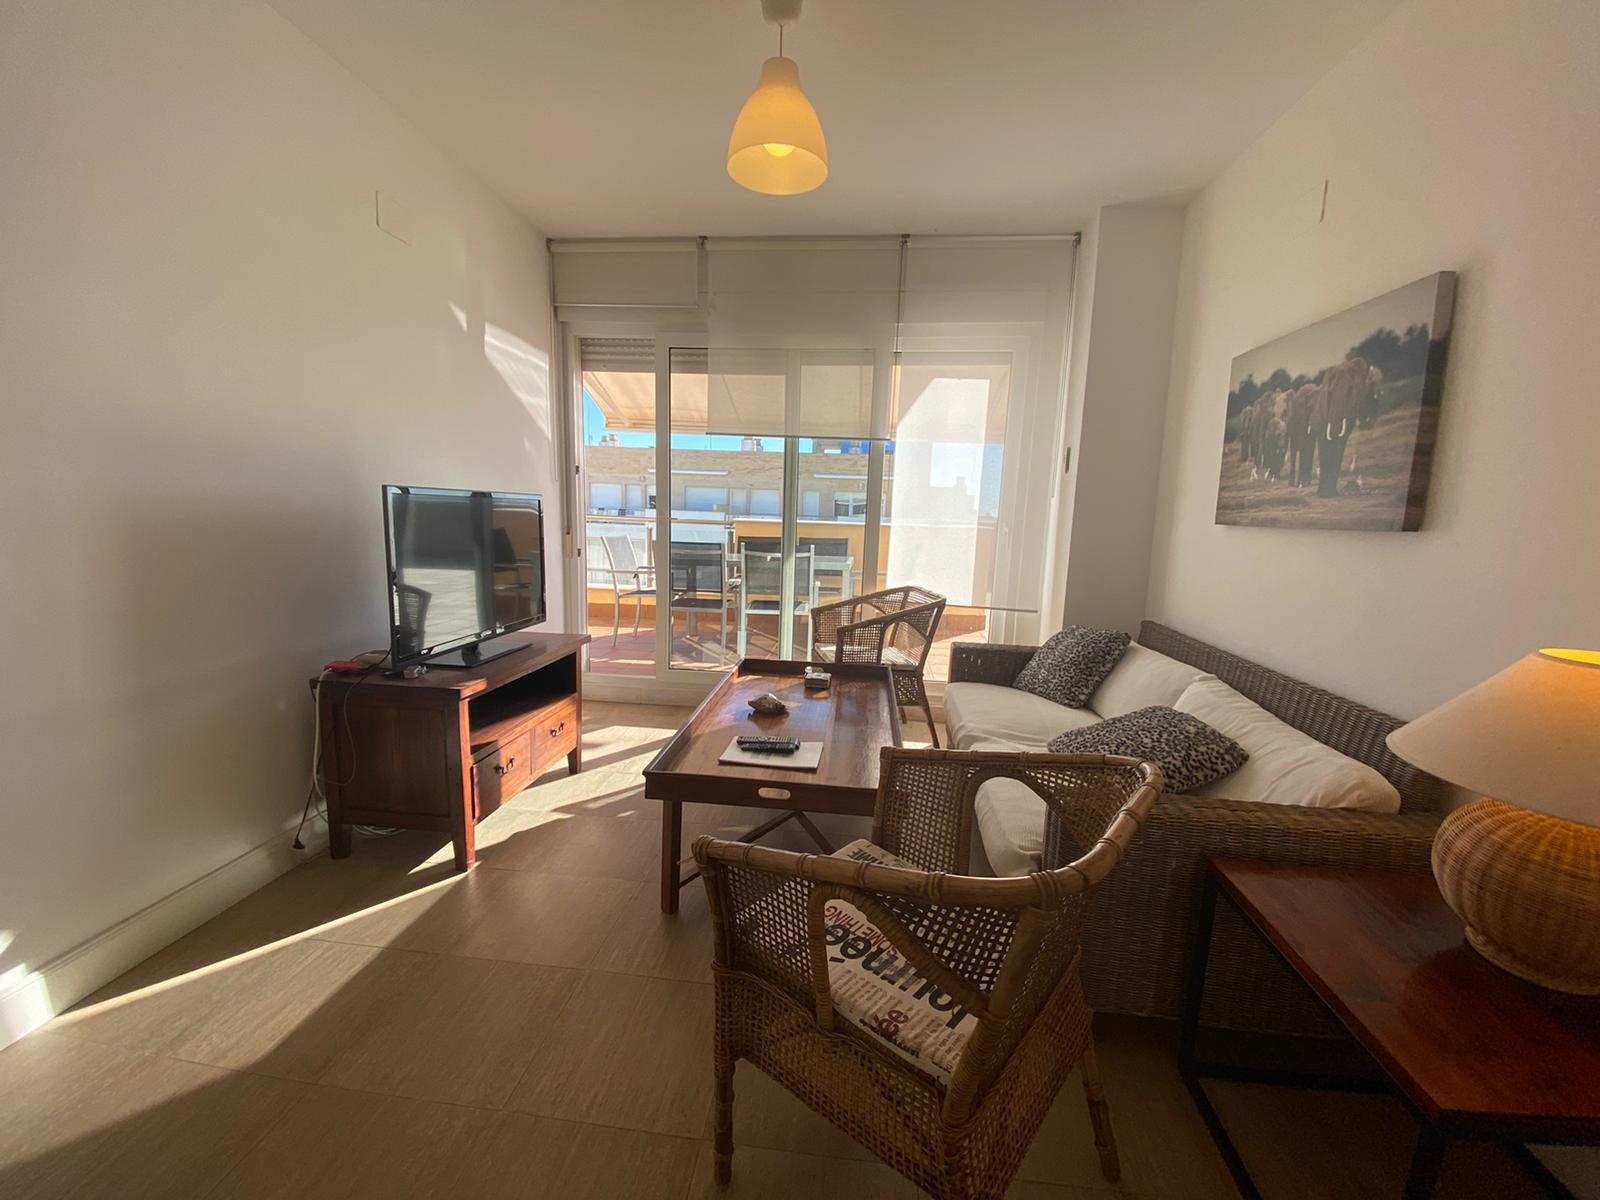 Imagen 5 del Apartamento Turístico, Ático 7 Levante (3d +2b), Punta del Moral (HUELVA), Paseo de la Cruz nº22